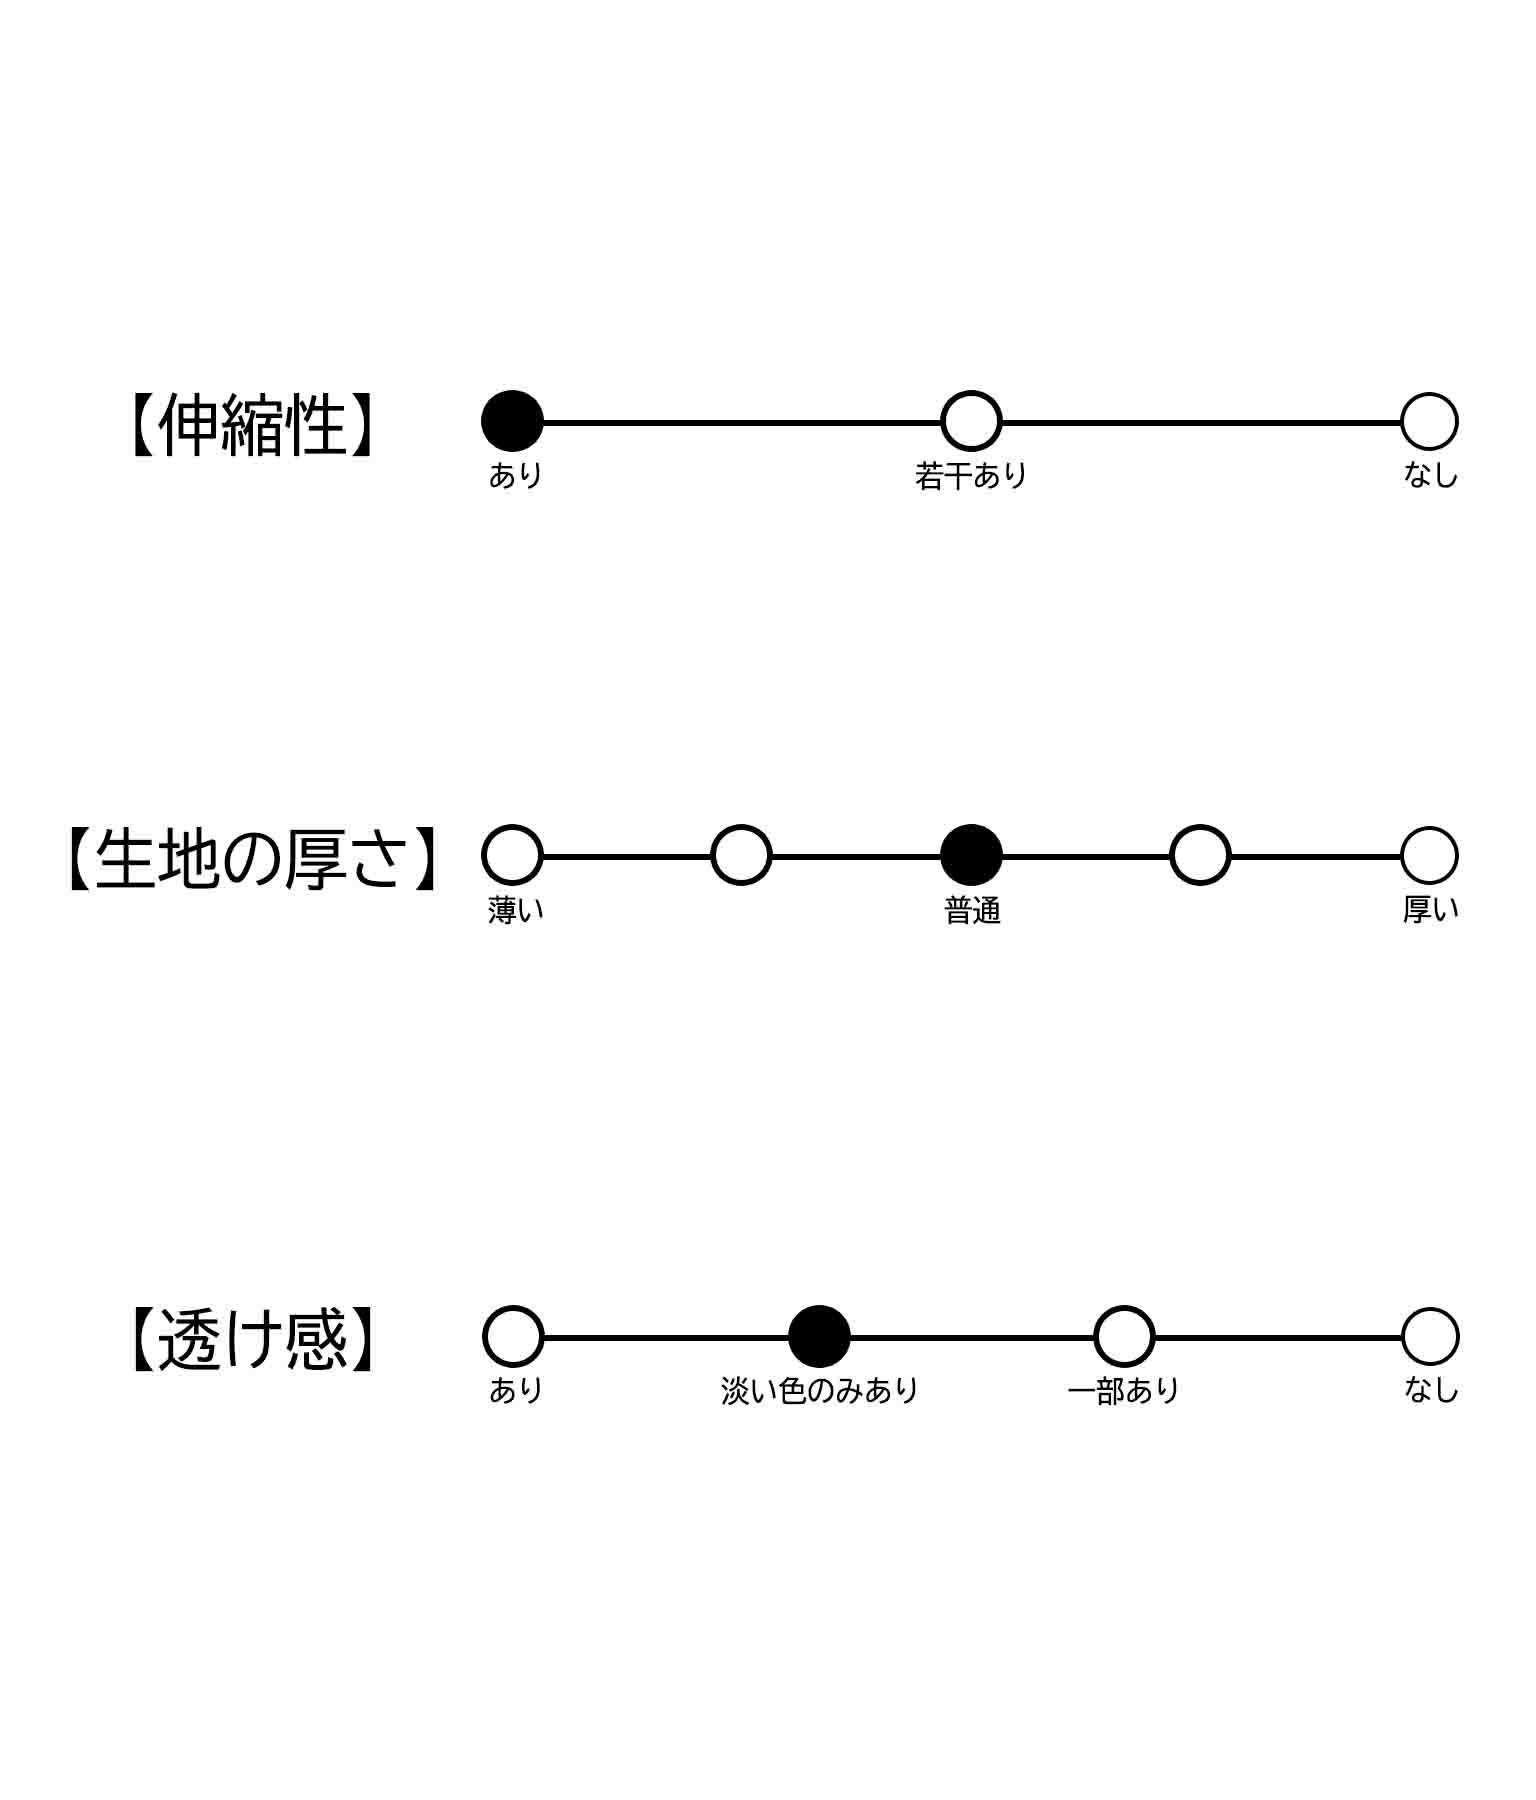 カットリブアシンメトリータンクトップ(トップス/キャミソール・タンクトップ) | ANAP